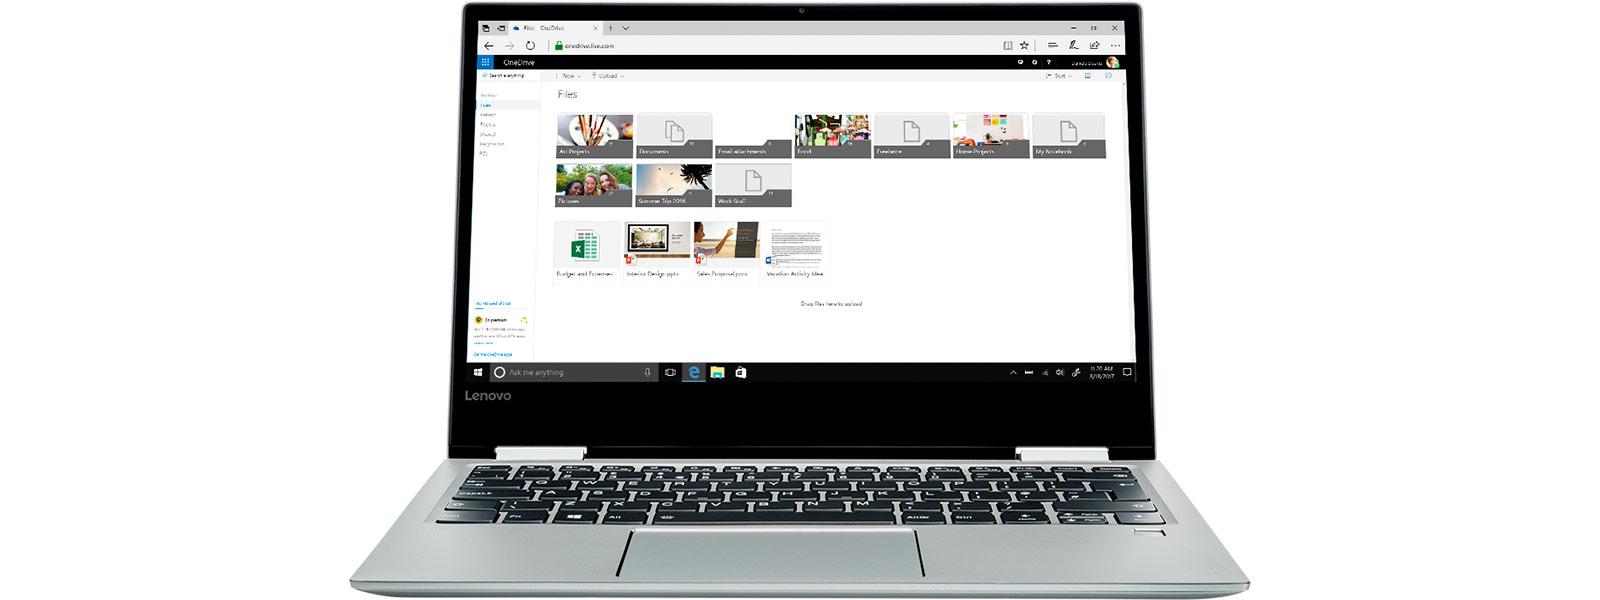 OneDrive-skærm på Windows 10-enhed